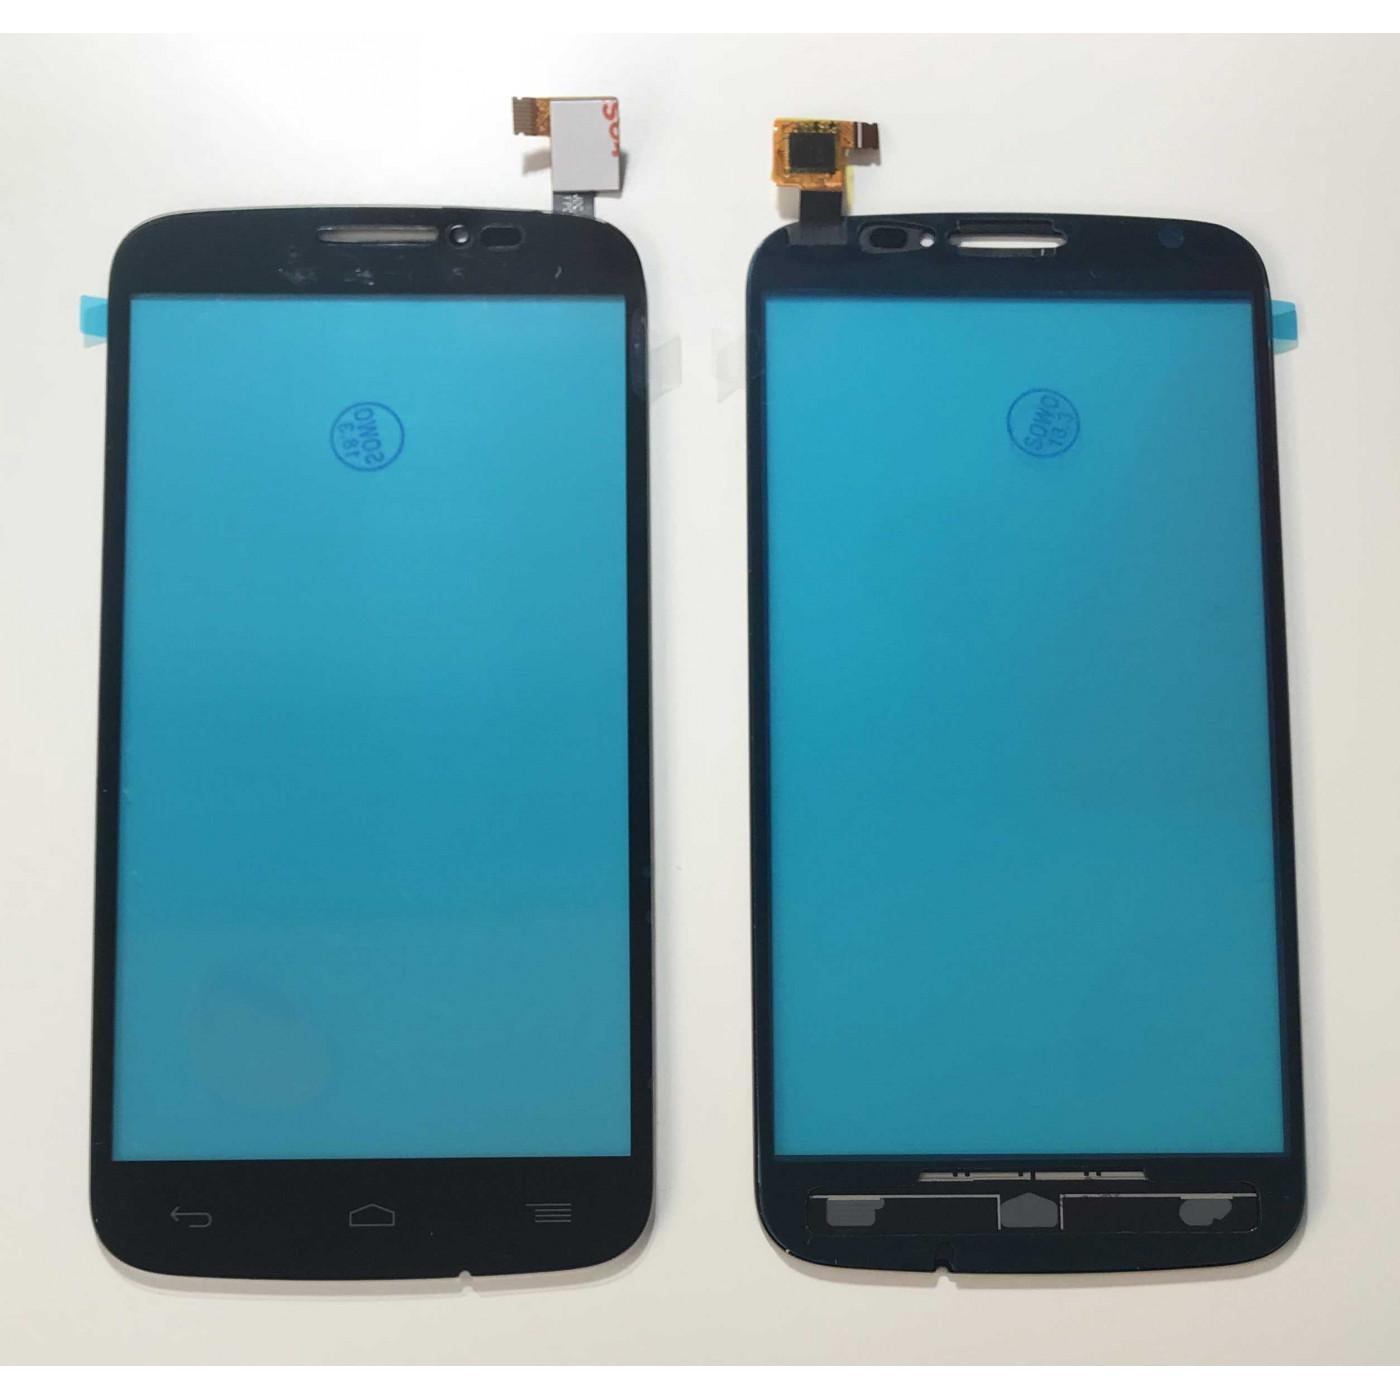 PANTALLA TÁCTIL Para Alcatel One Touch Pop C7 OT-7041D Diapositiva de vidrio negra